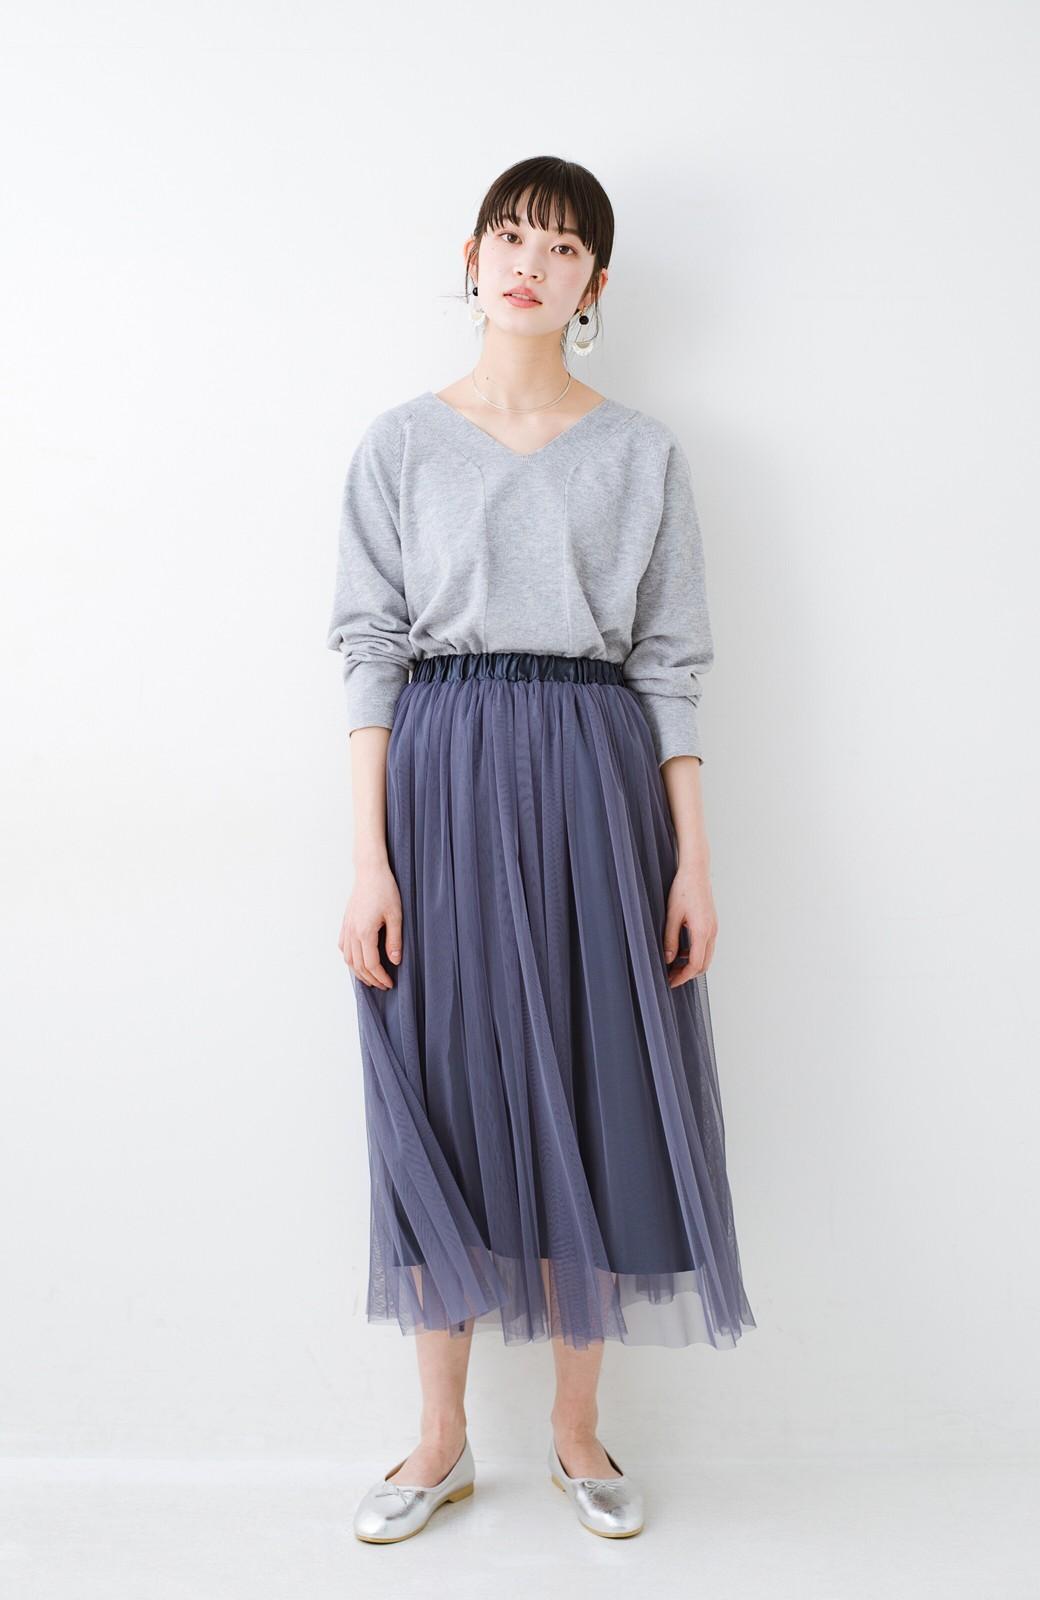 haco! 着るだけでルンとした気分になる! 長ーーい季節着られてずっと使えるオトナのためのチュールスカート <ネイビー>の商品写真12